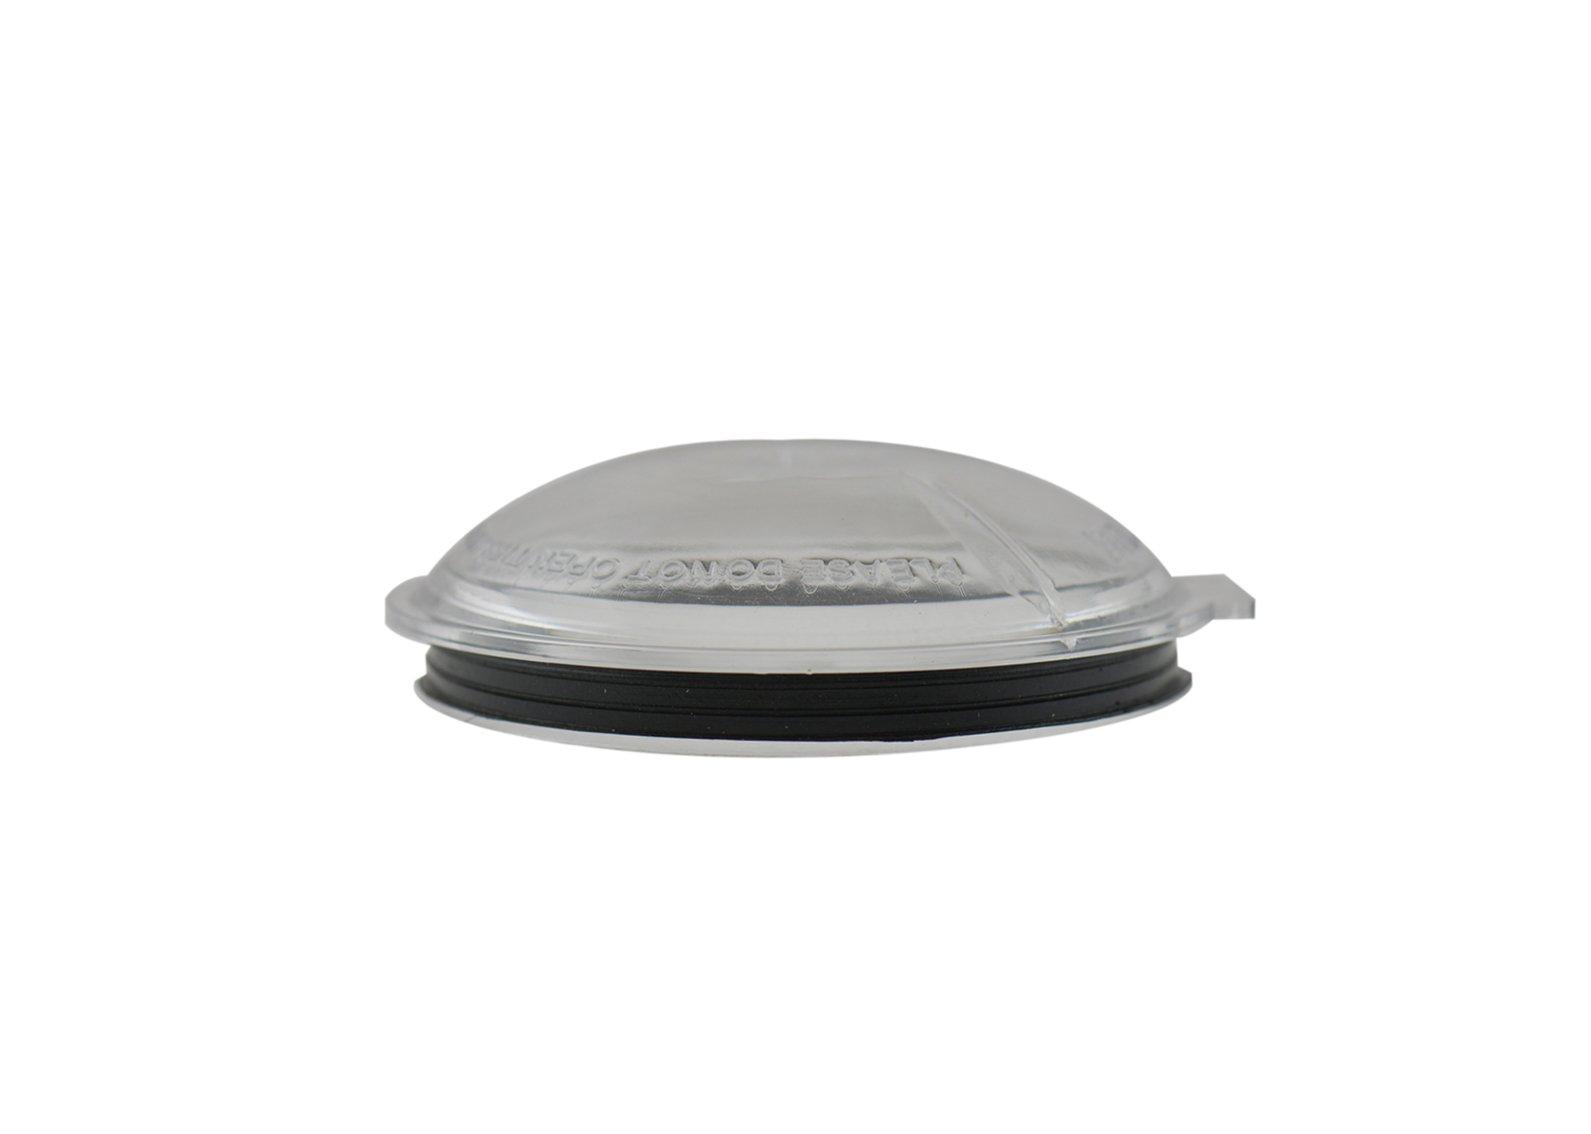 Premier Super G 3 Jar Kitchen Machine Mixer Grinder 110 Volts/Premier Mixie/Premier Mixer/Premier Blender